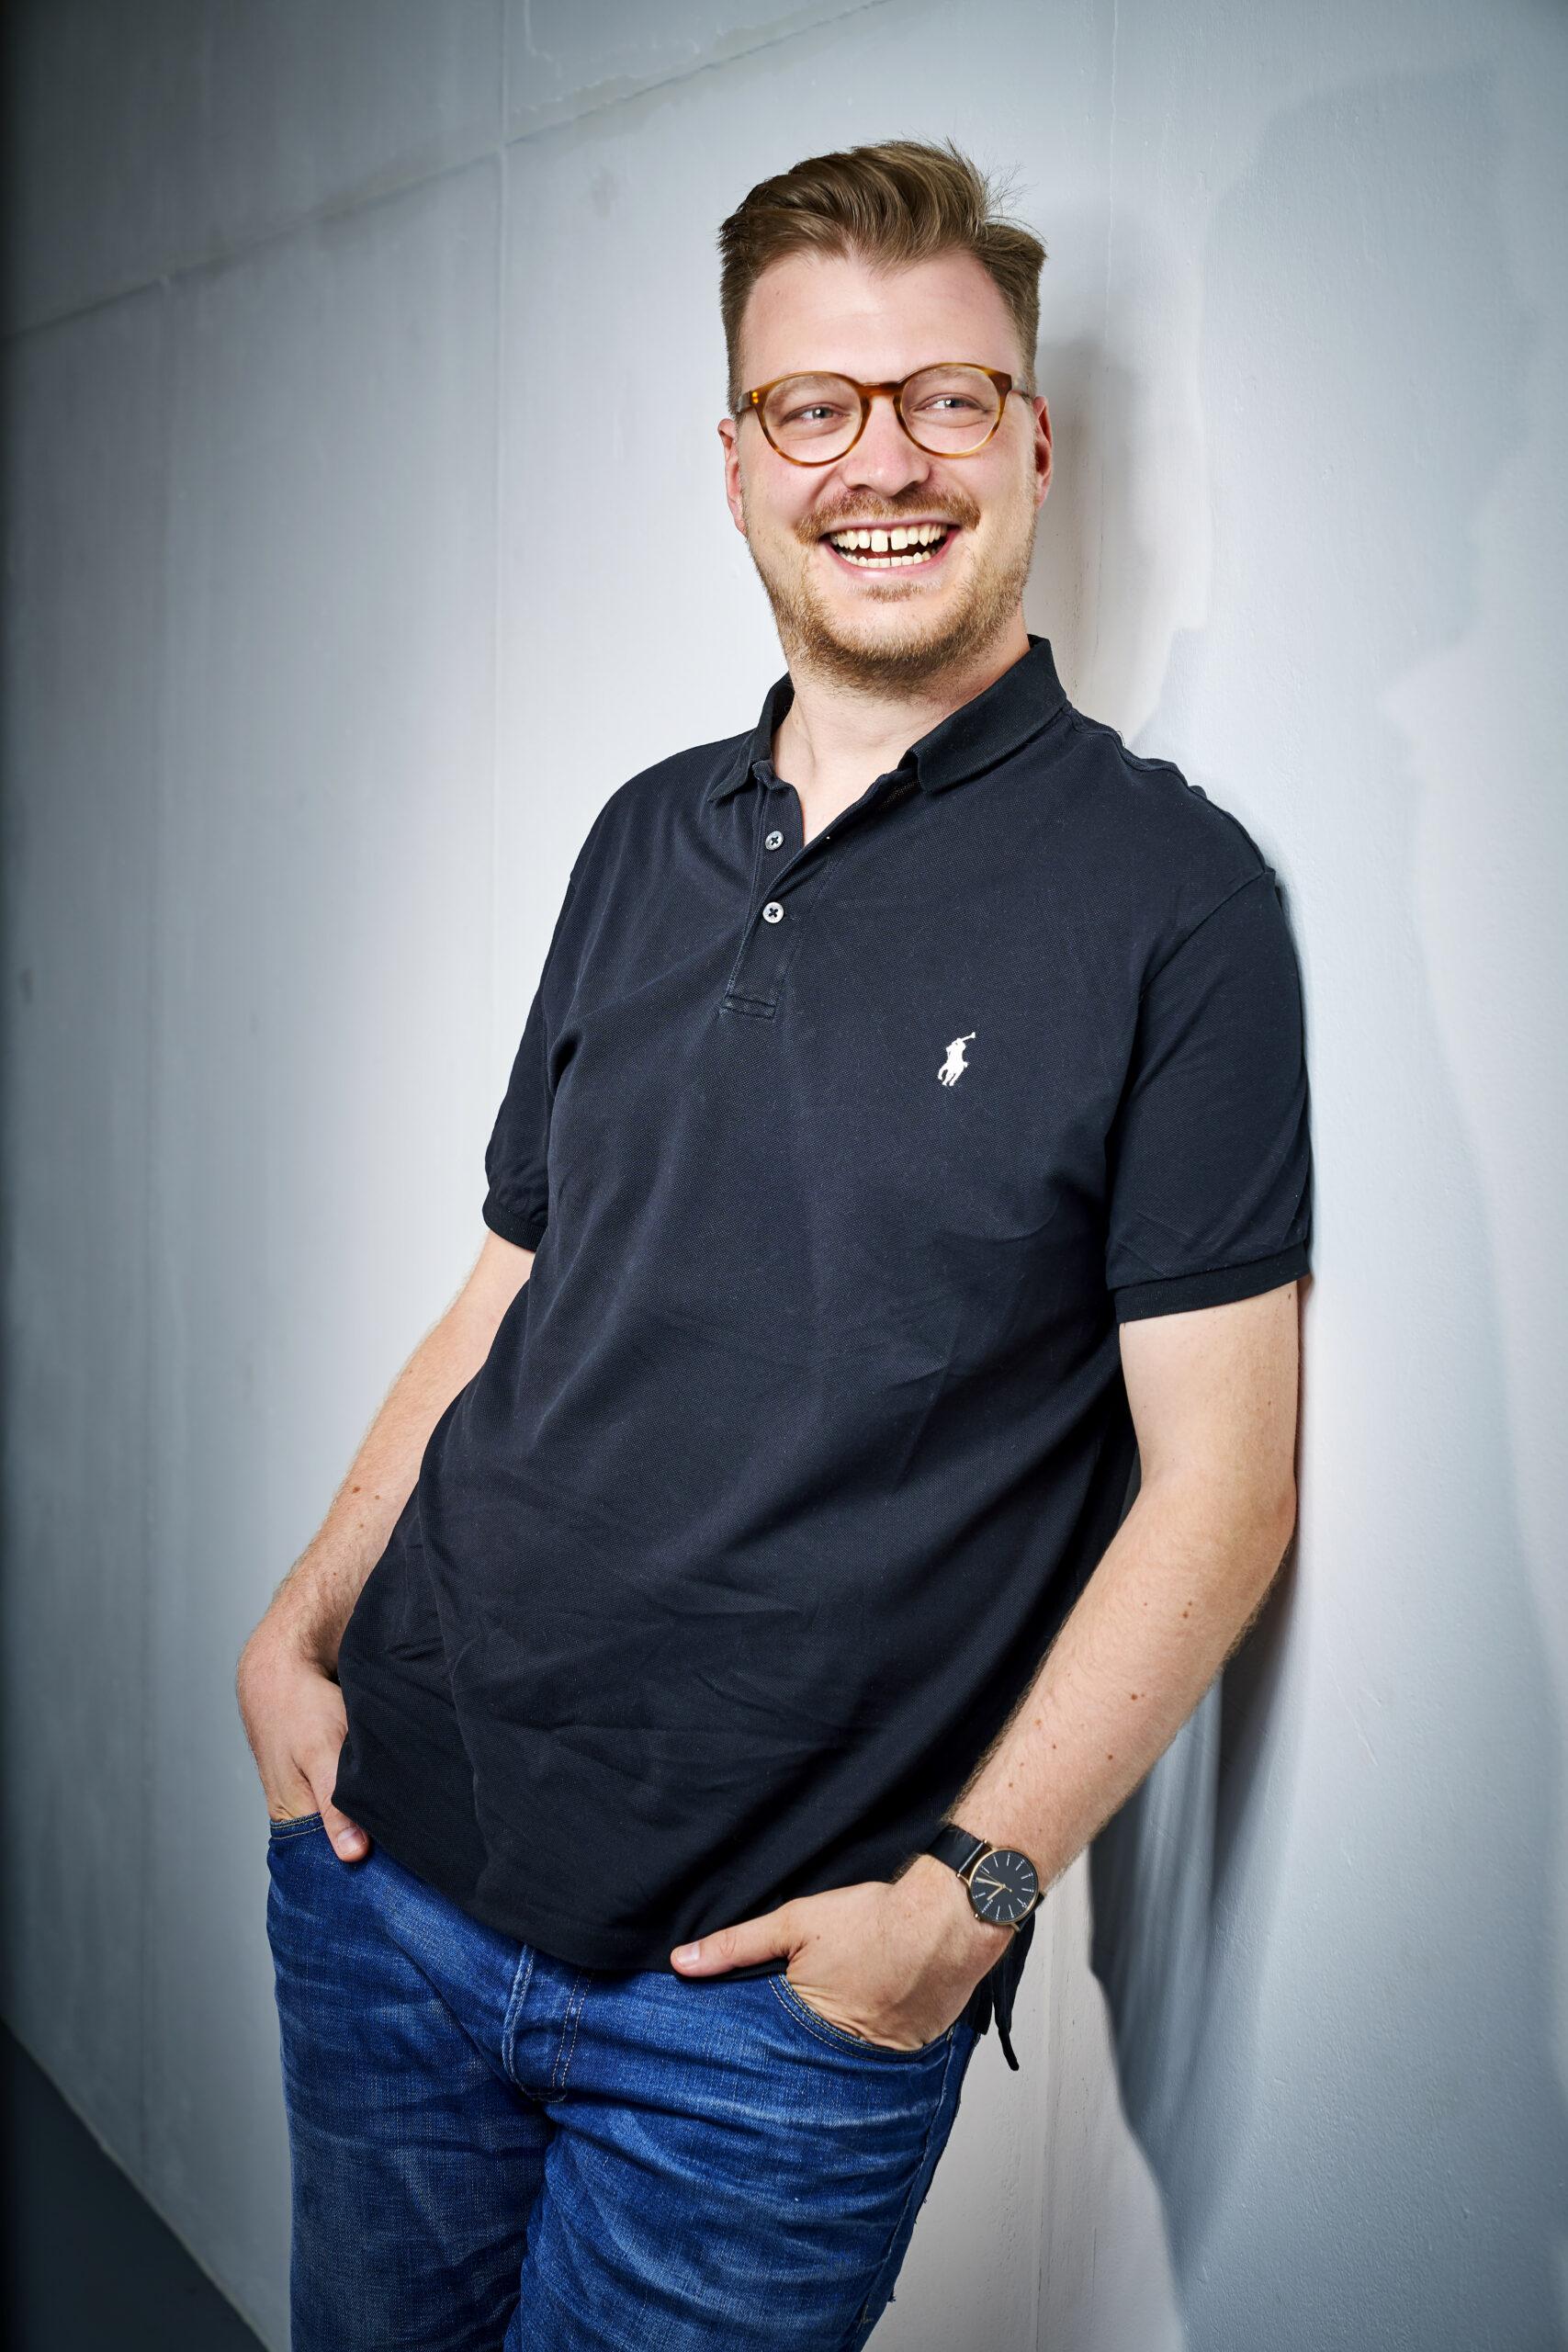 Maxi Gstettenbauer stehend an einer Wand